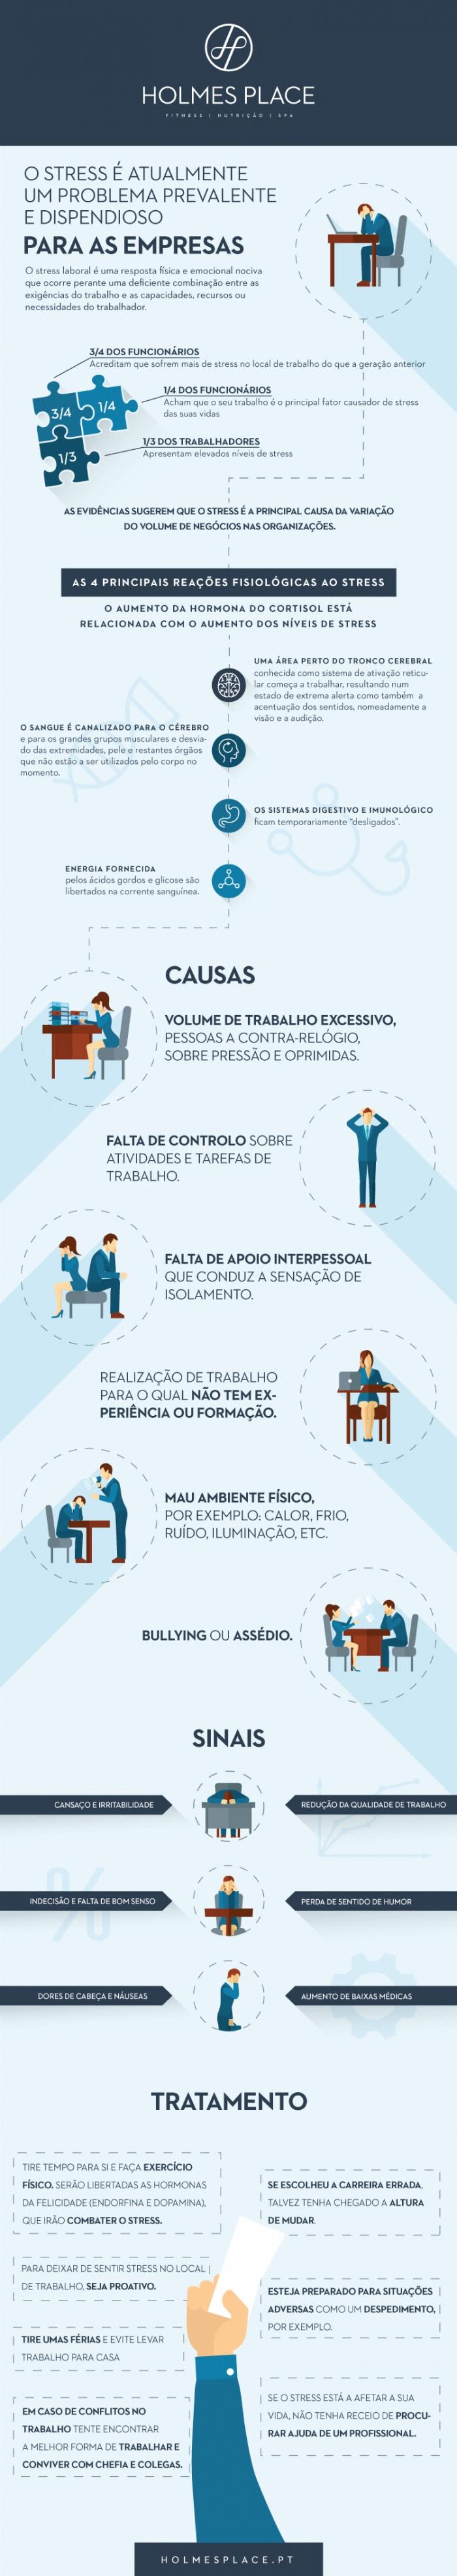 infográfico stress no trabalho